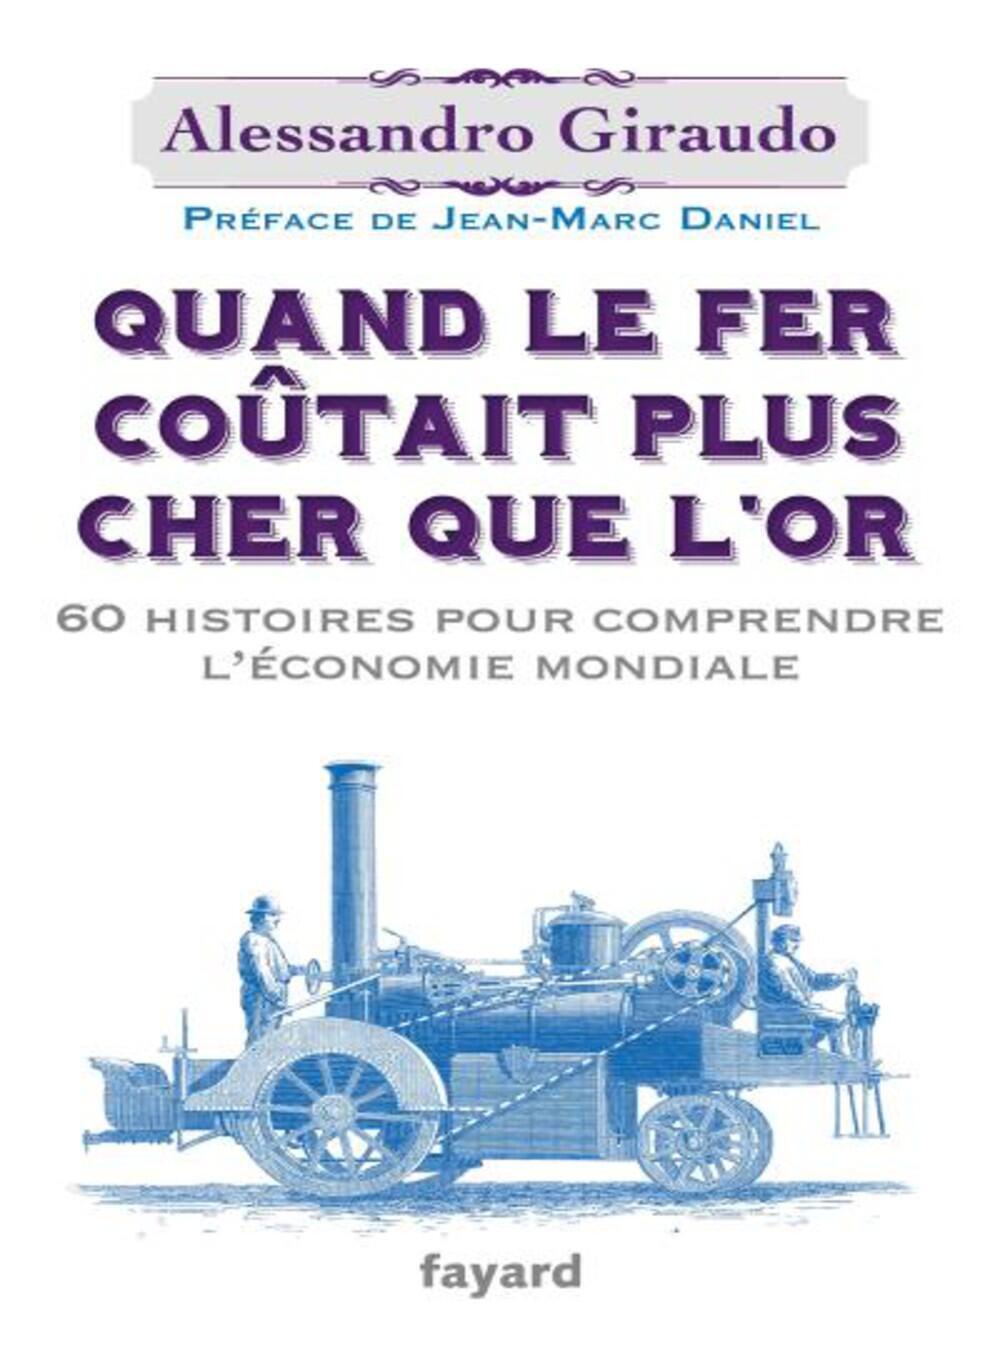 روی جلد کتاب وقتی آهن از طلا گرانتر بود